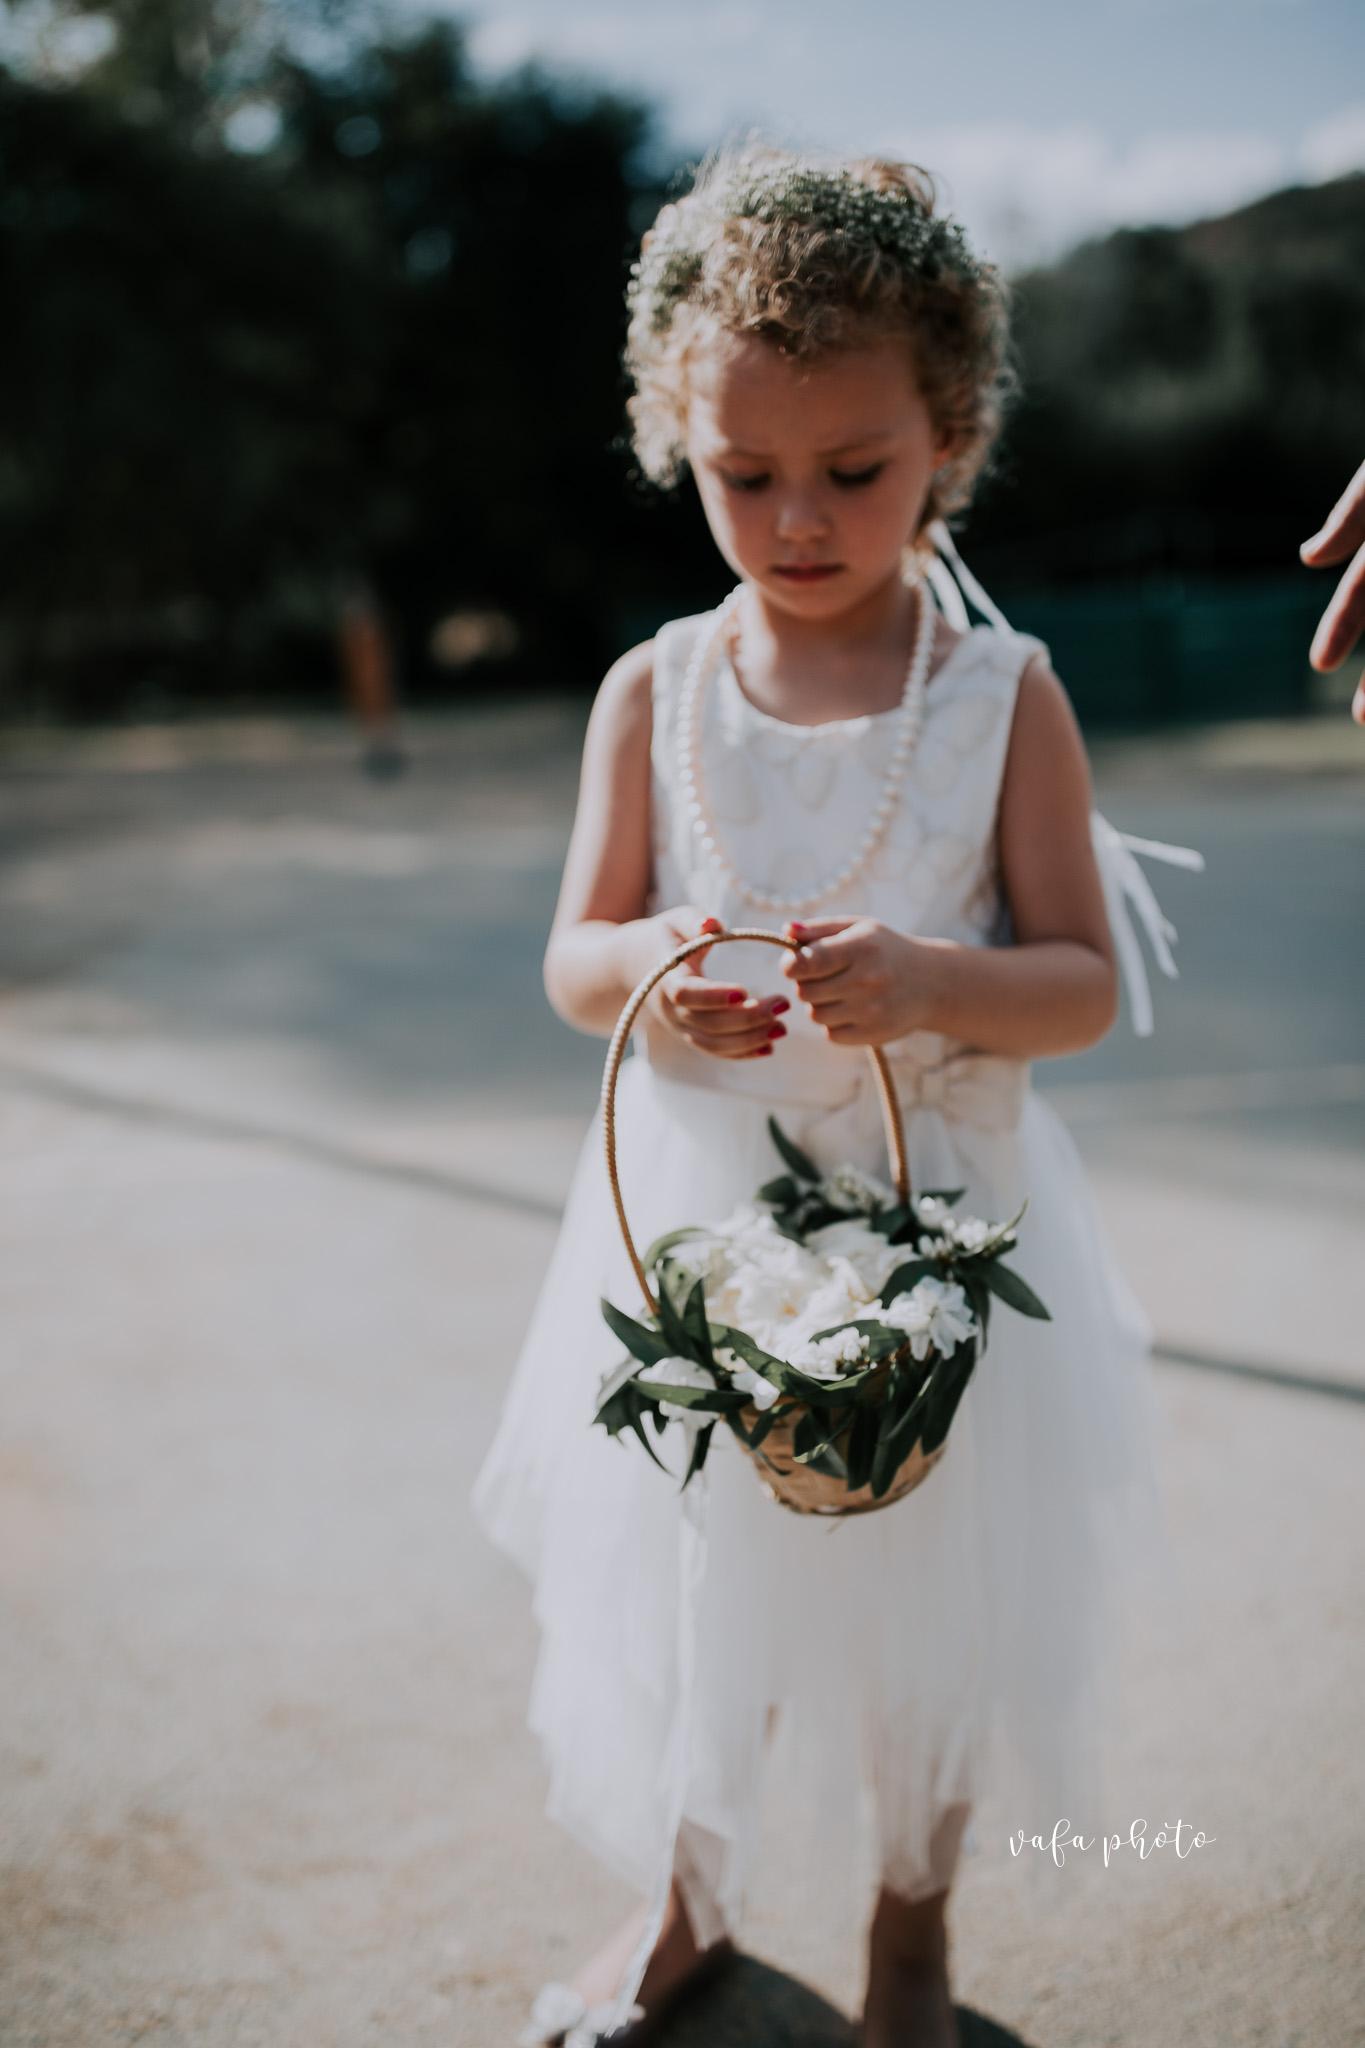 Southern-California-Wedding-Britt-Nilsson-Jeremy-Byrne-Vafa-Photo-307.jpg